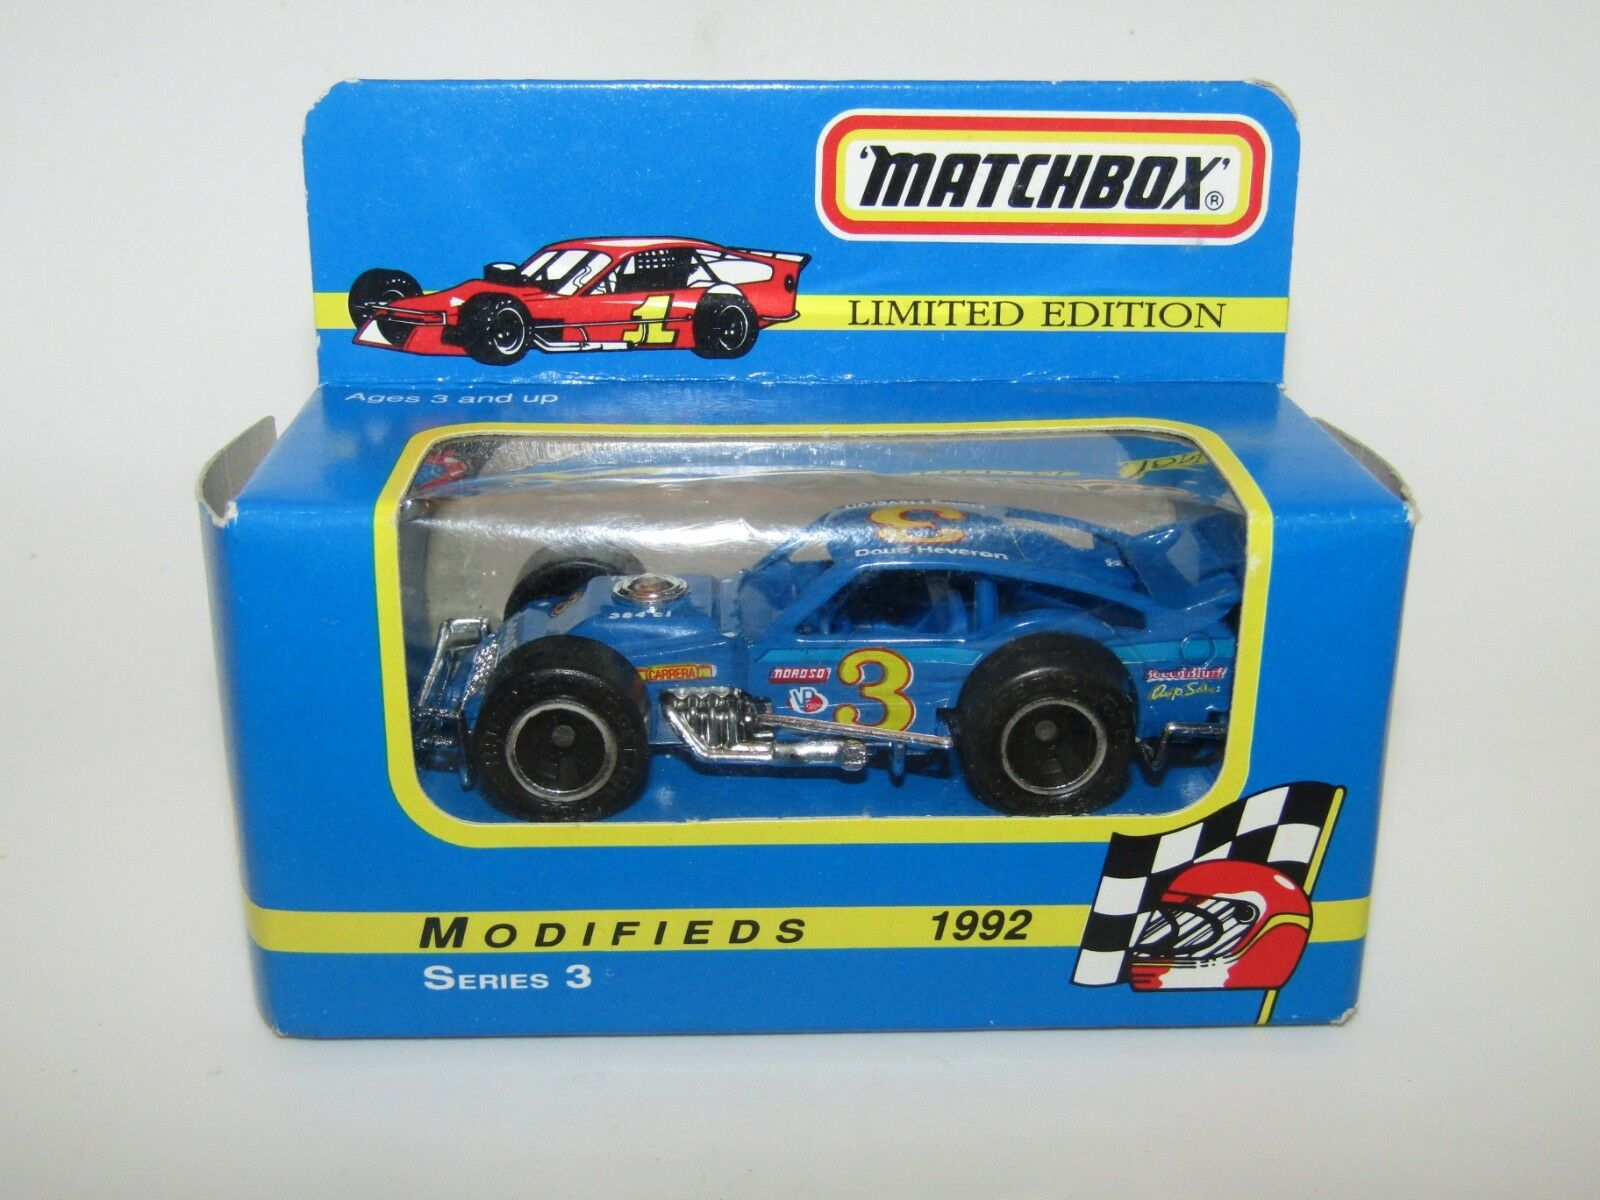 Matchbox Superfast No 12 Modified Racer LIGHT LIGHT LIGHT blueE MIB RARE only 10000 made 4185a4